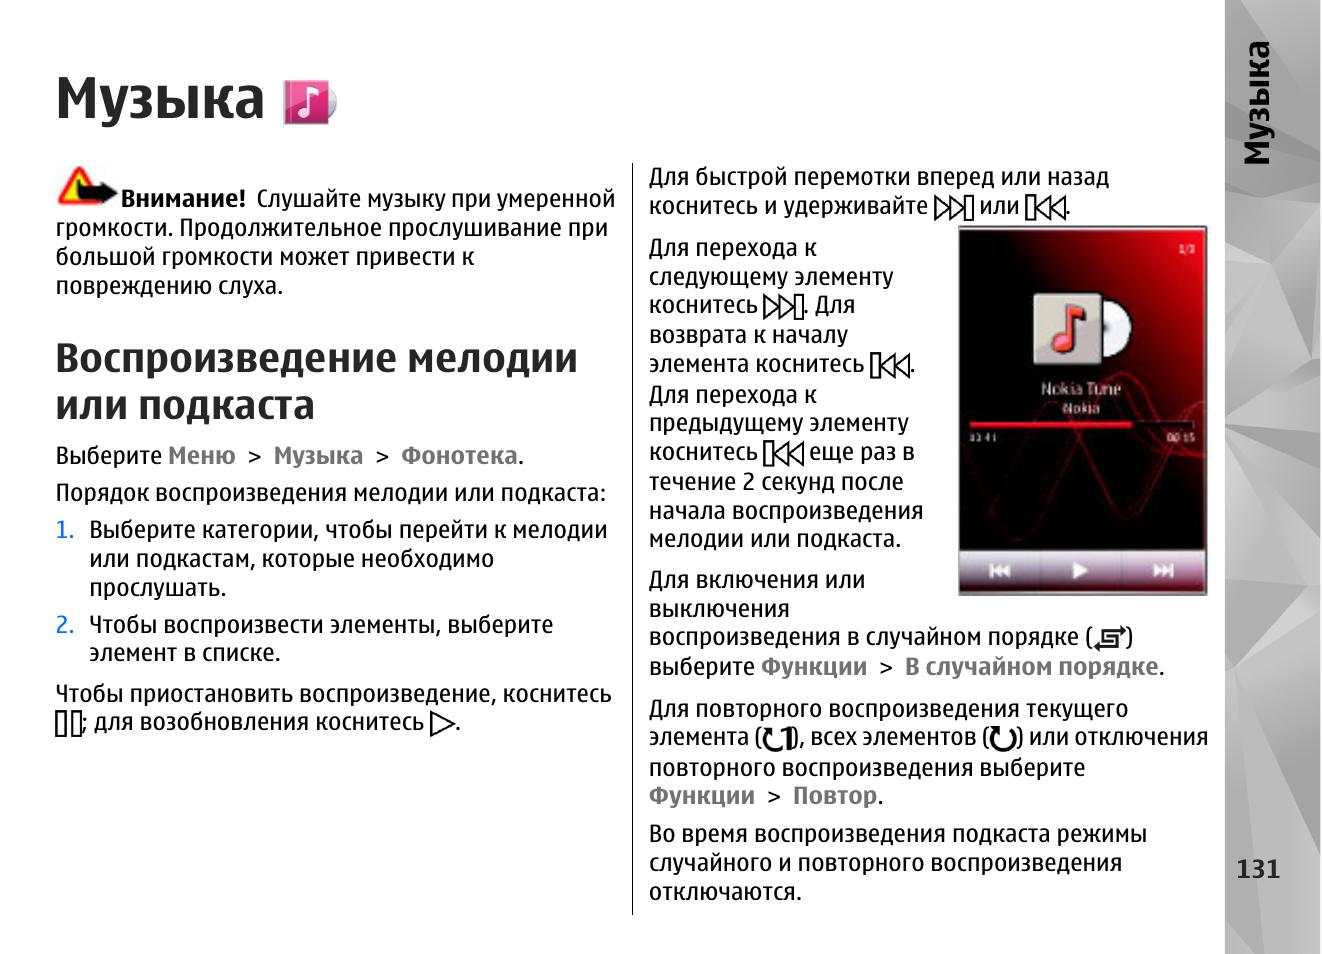 Музыка, Воспроизведение мелодии или подкаста Инструкция по эксплуатации Nokia N97 Страница 131 / 193 Оригинал